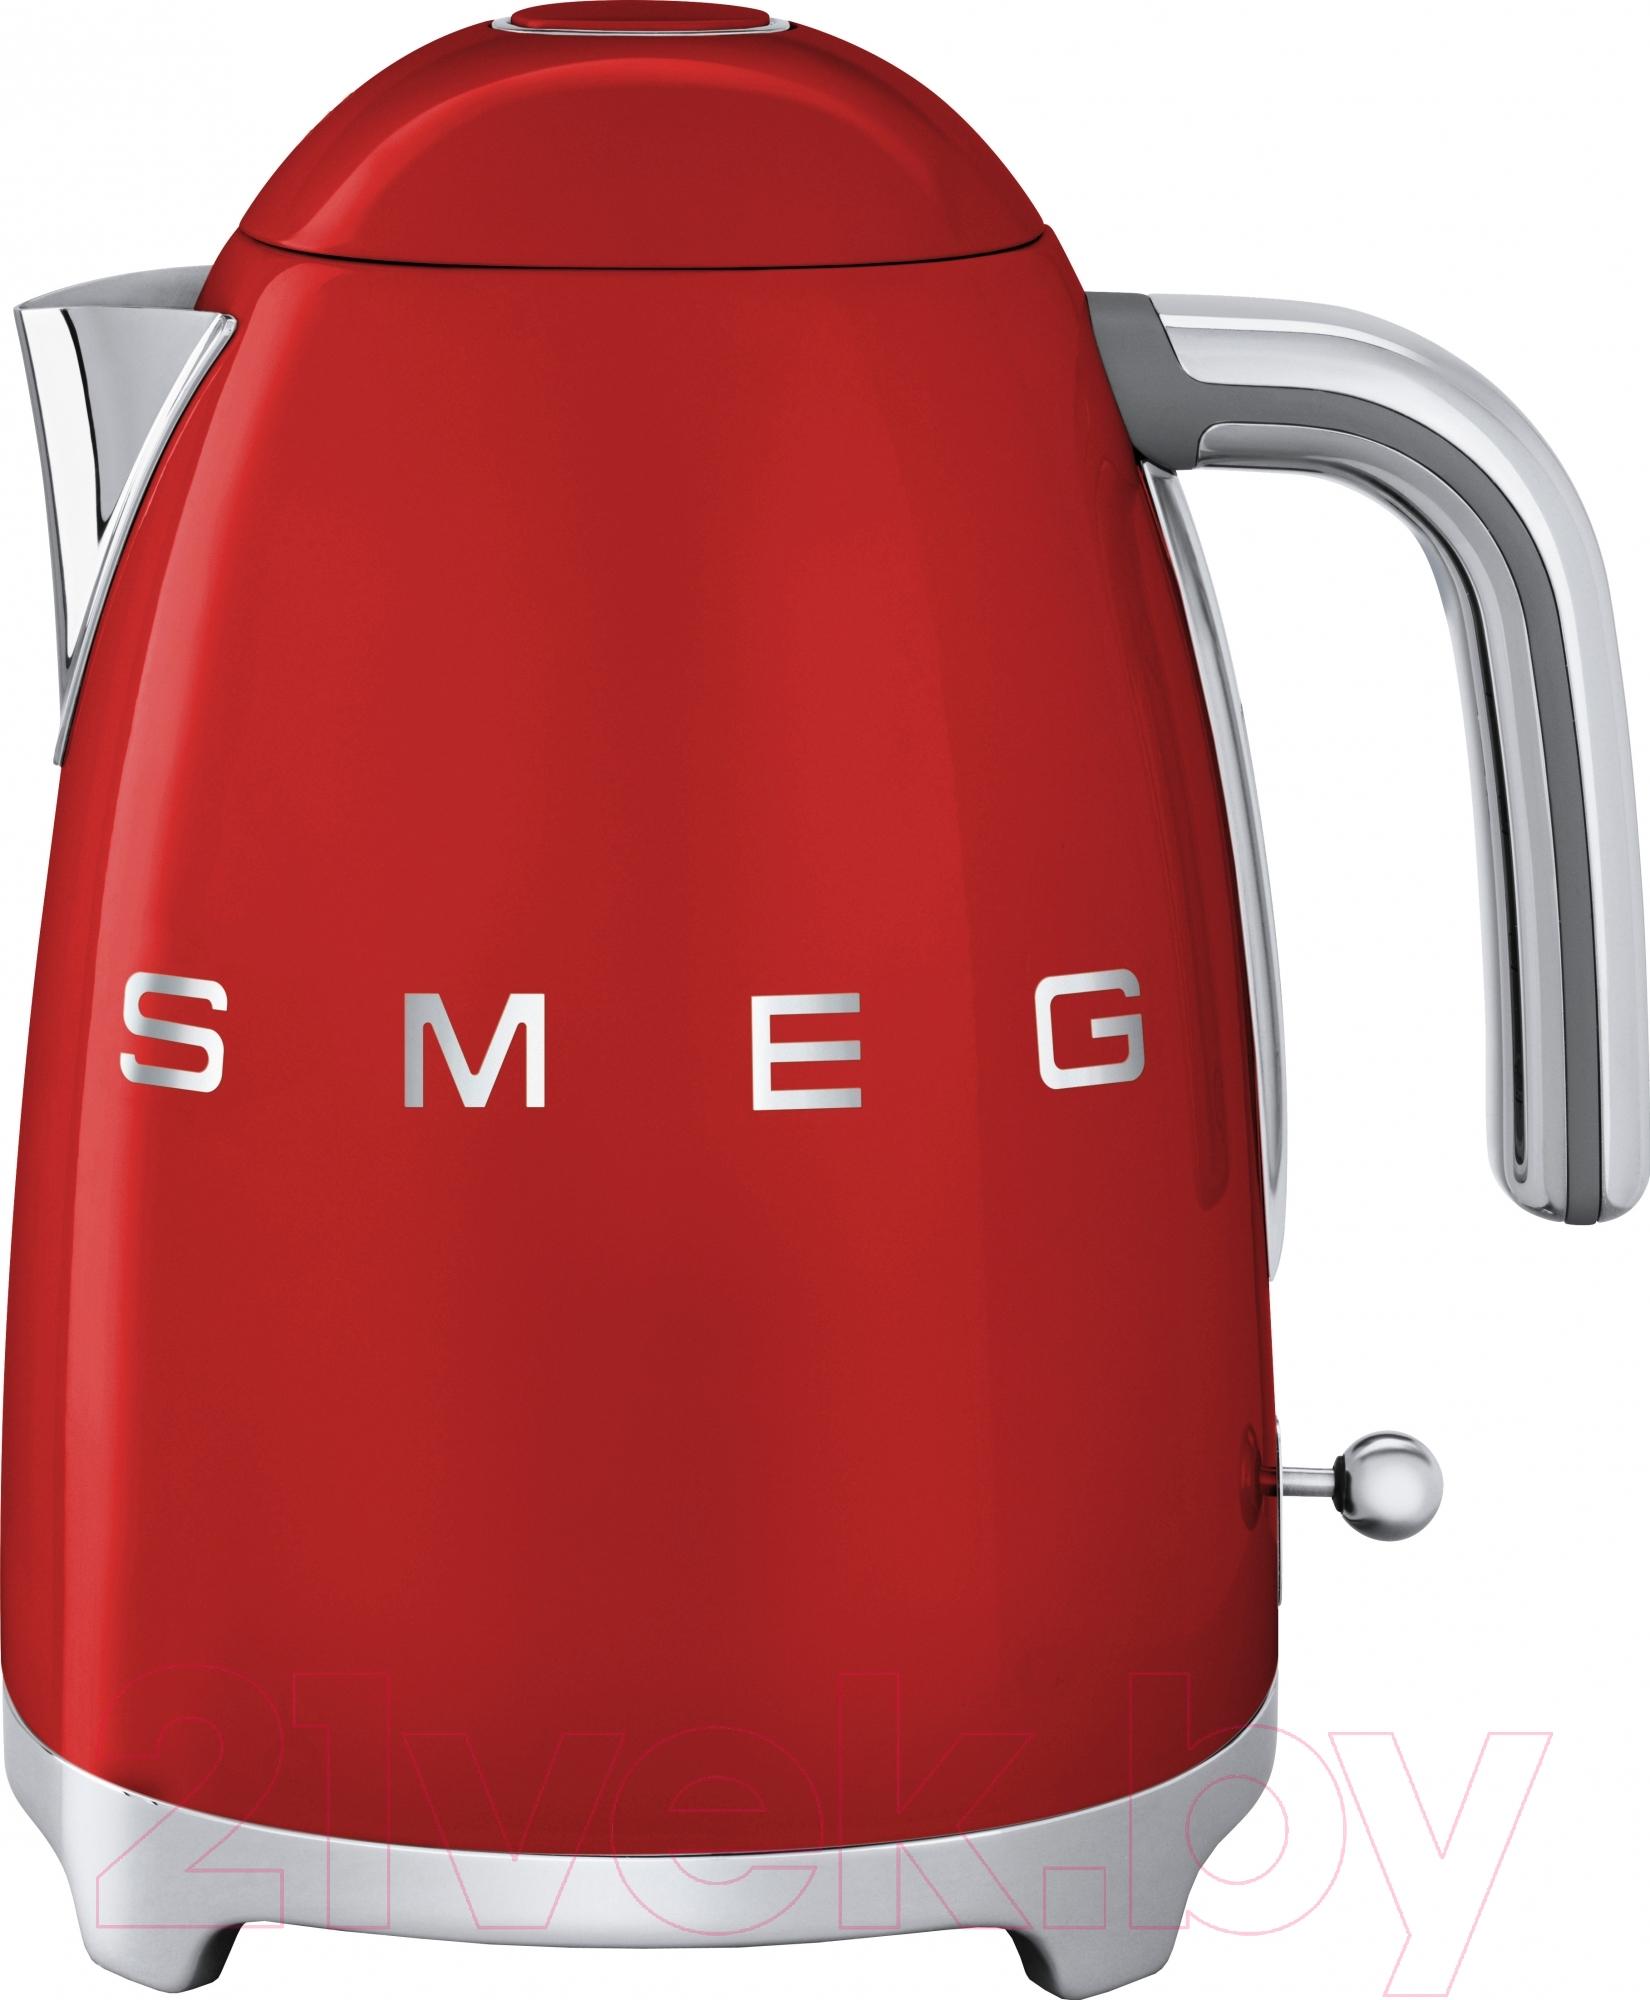 Купить Электрочайник Smeg, KLF01RDEU, Китай, красный